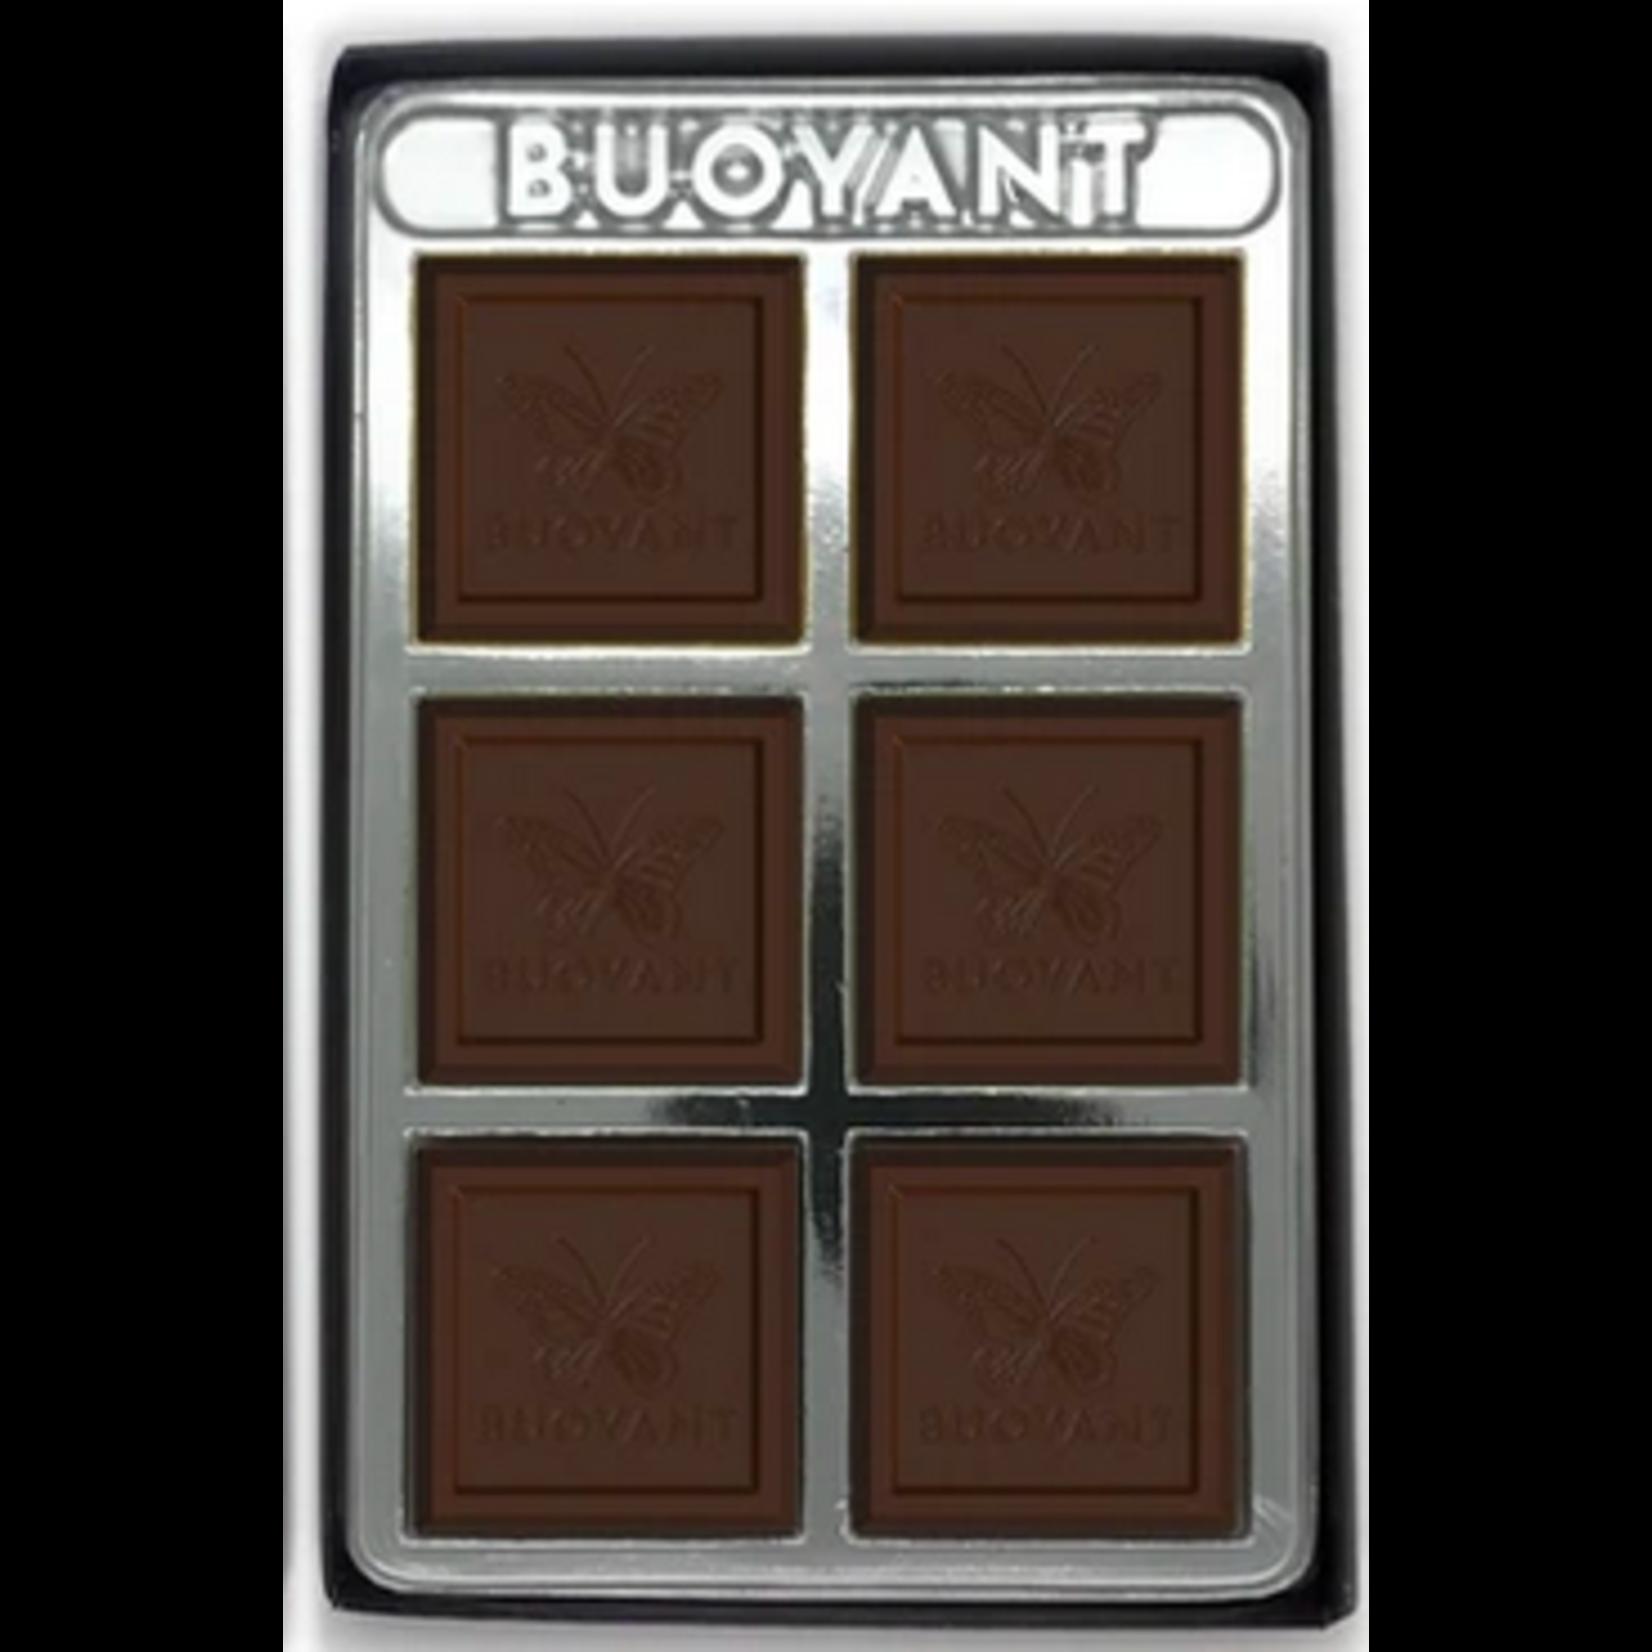 Buoyant Brands Buoyant Love Squares (50mg Squares) CBD